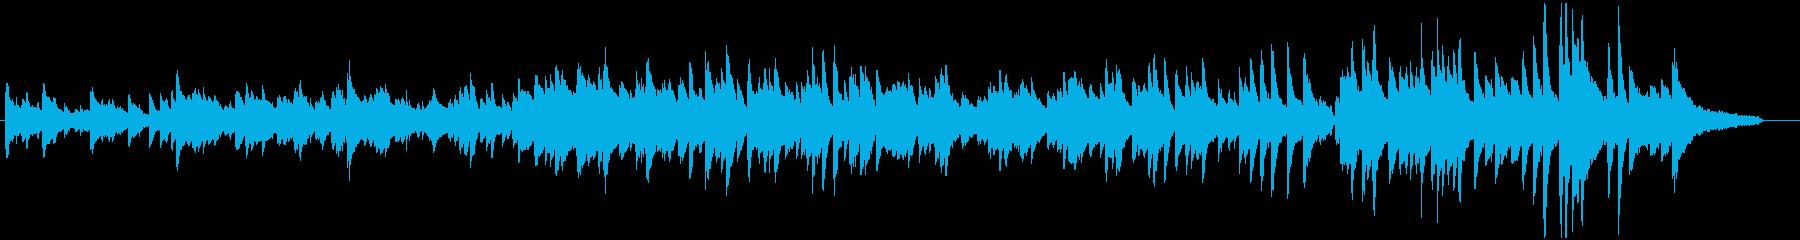 平和への約束をイメージしたピアノ曲の再生済みの波形